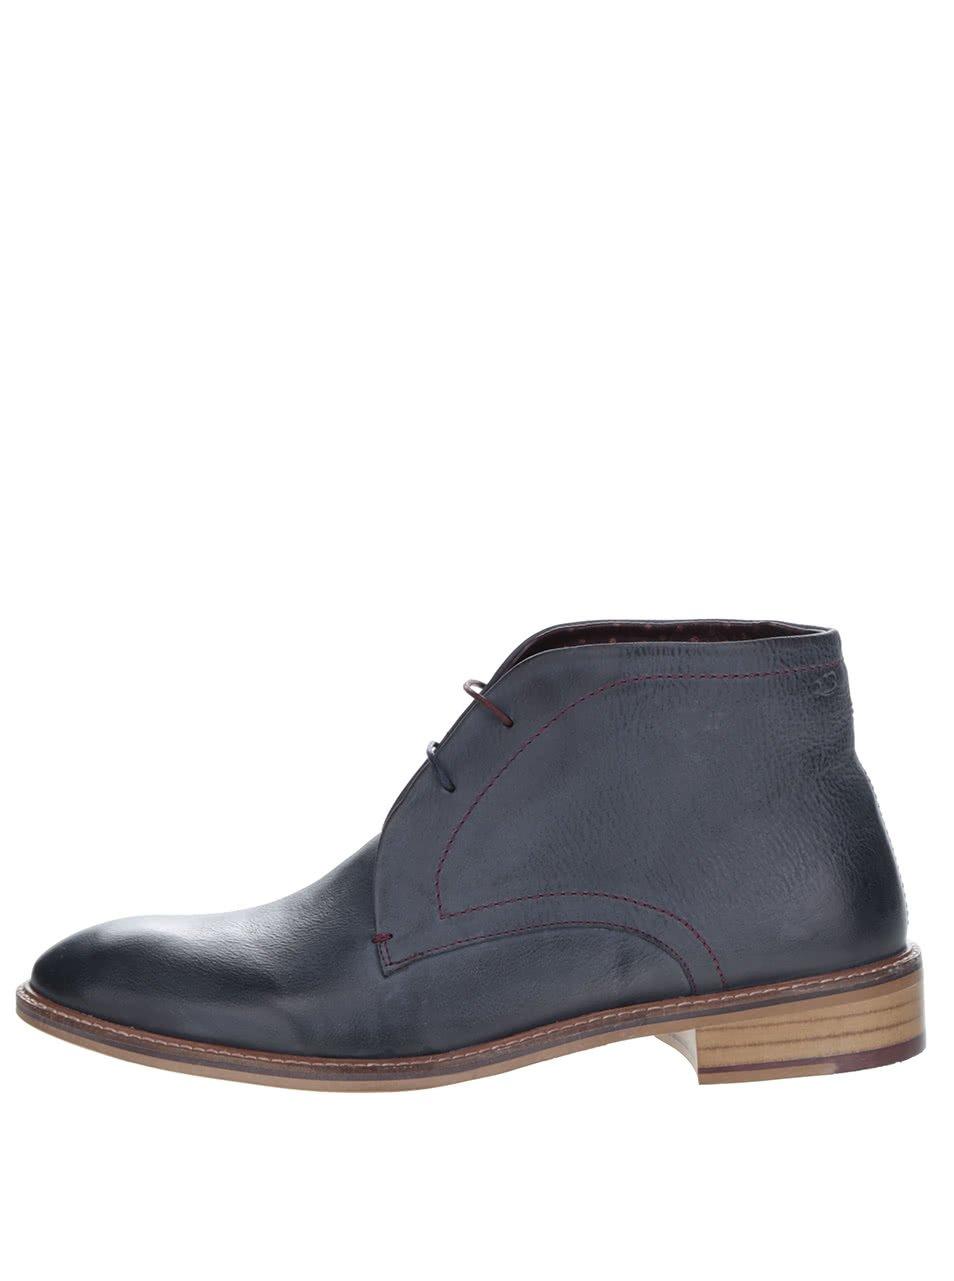 Tmavě modré kožené kotníkové boty London Brogues Wister Chukka